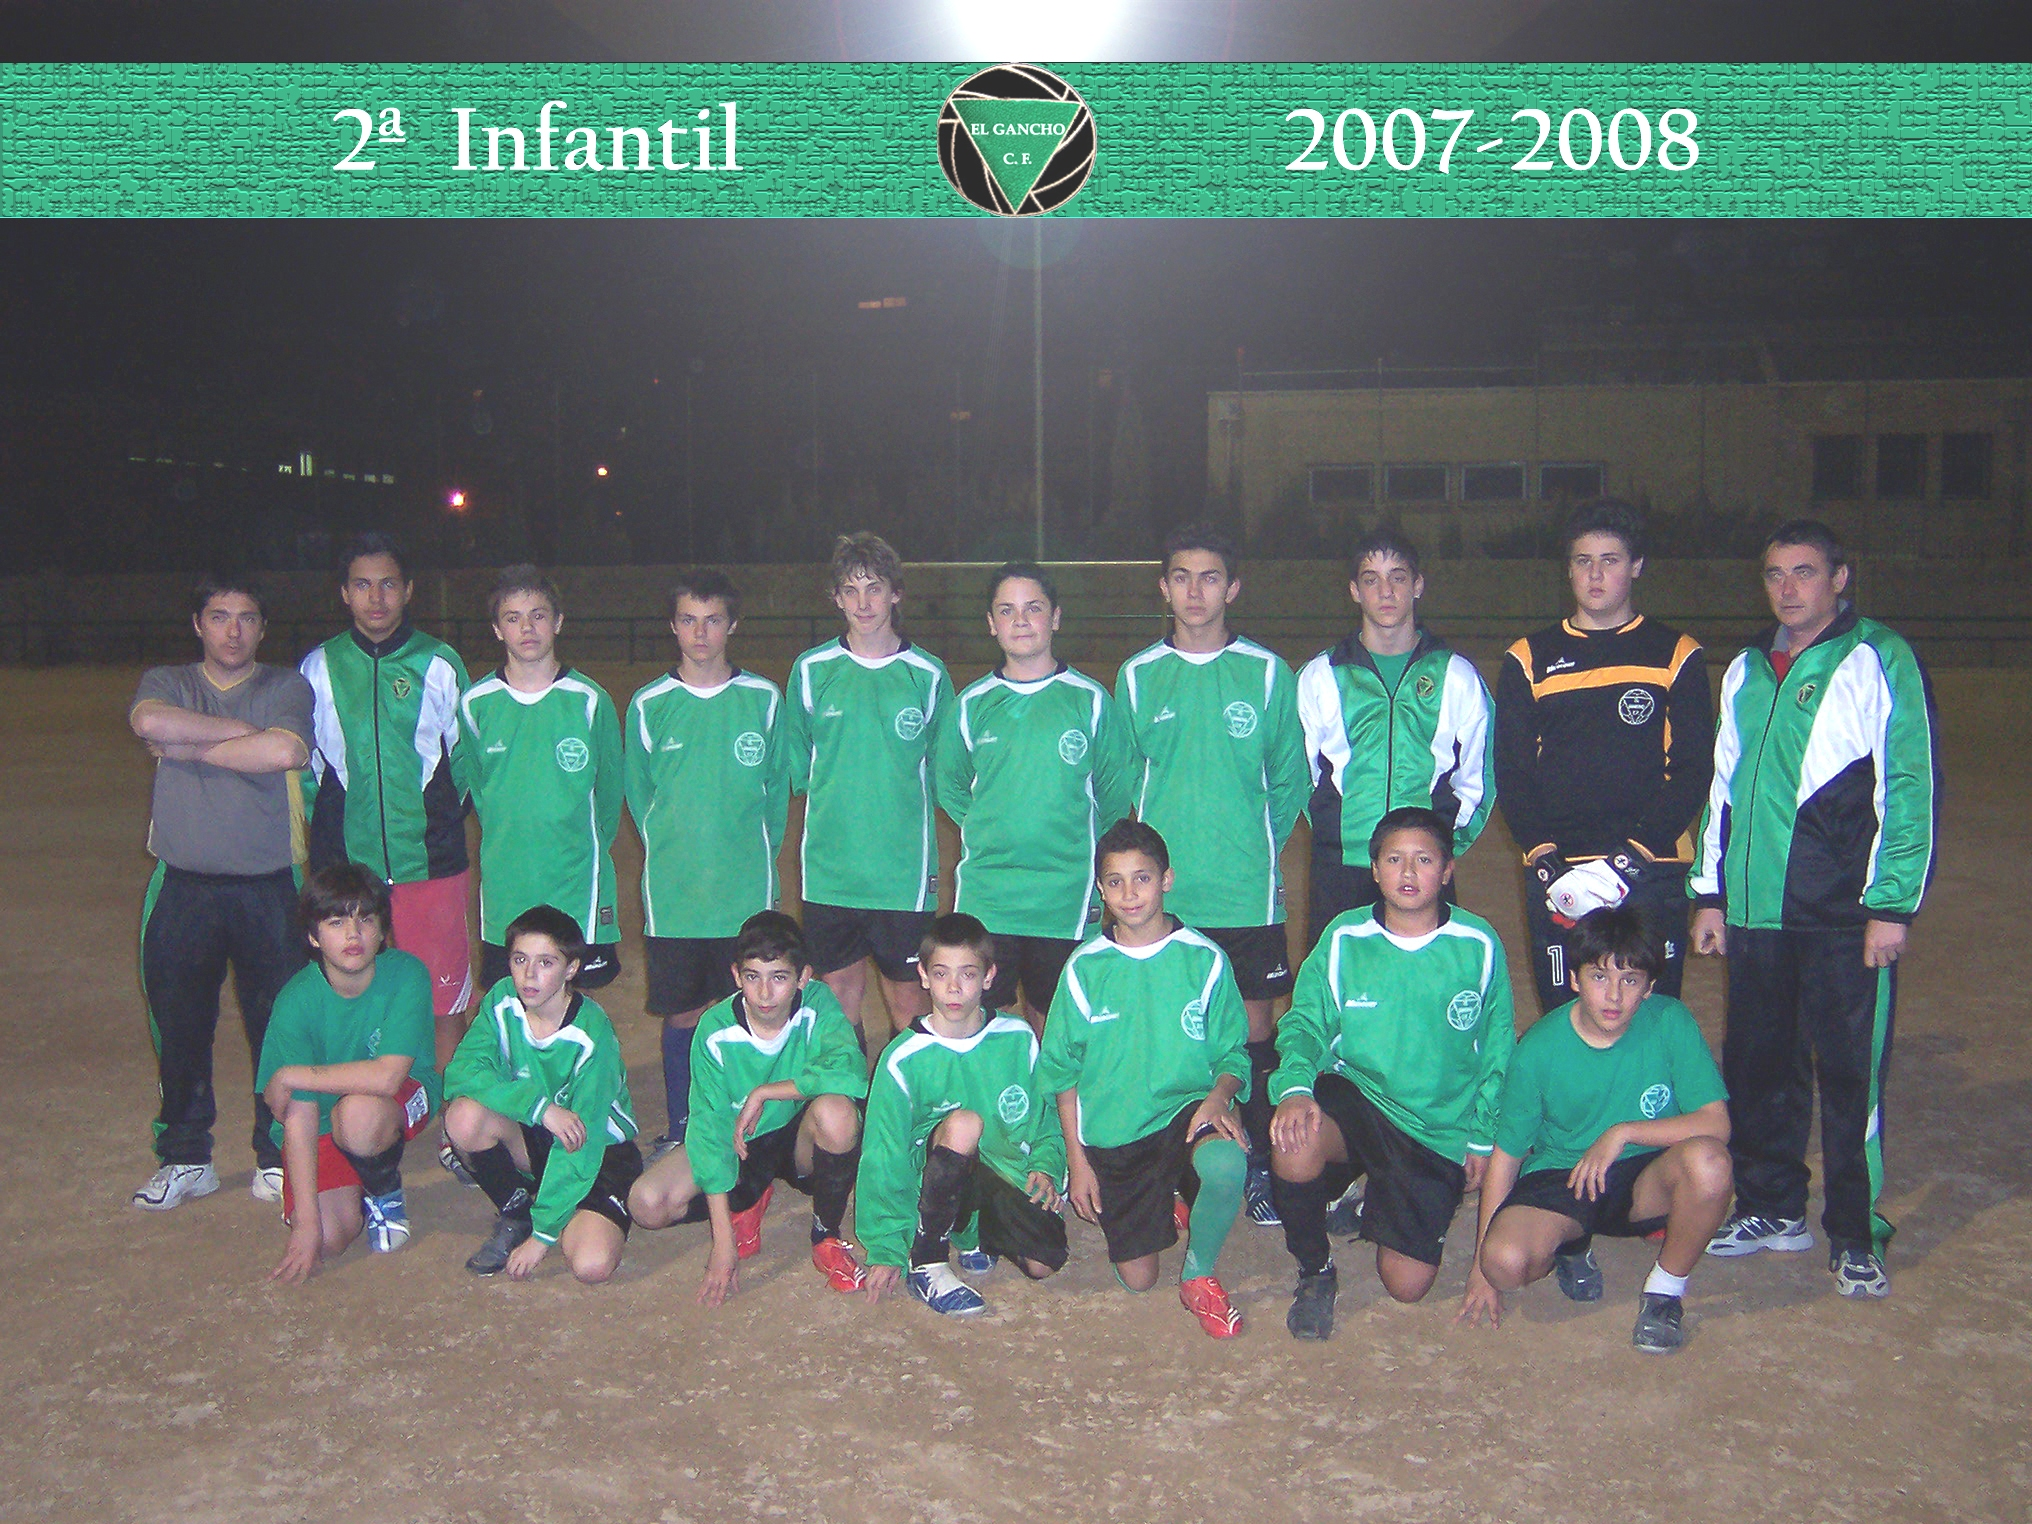 2007-2008 Infantil